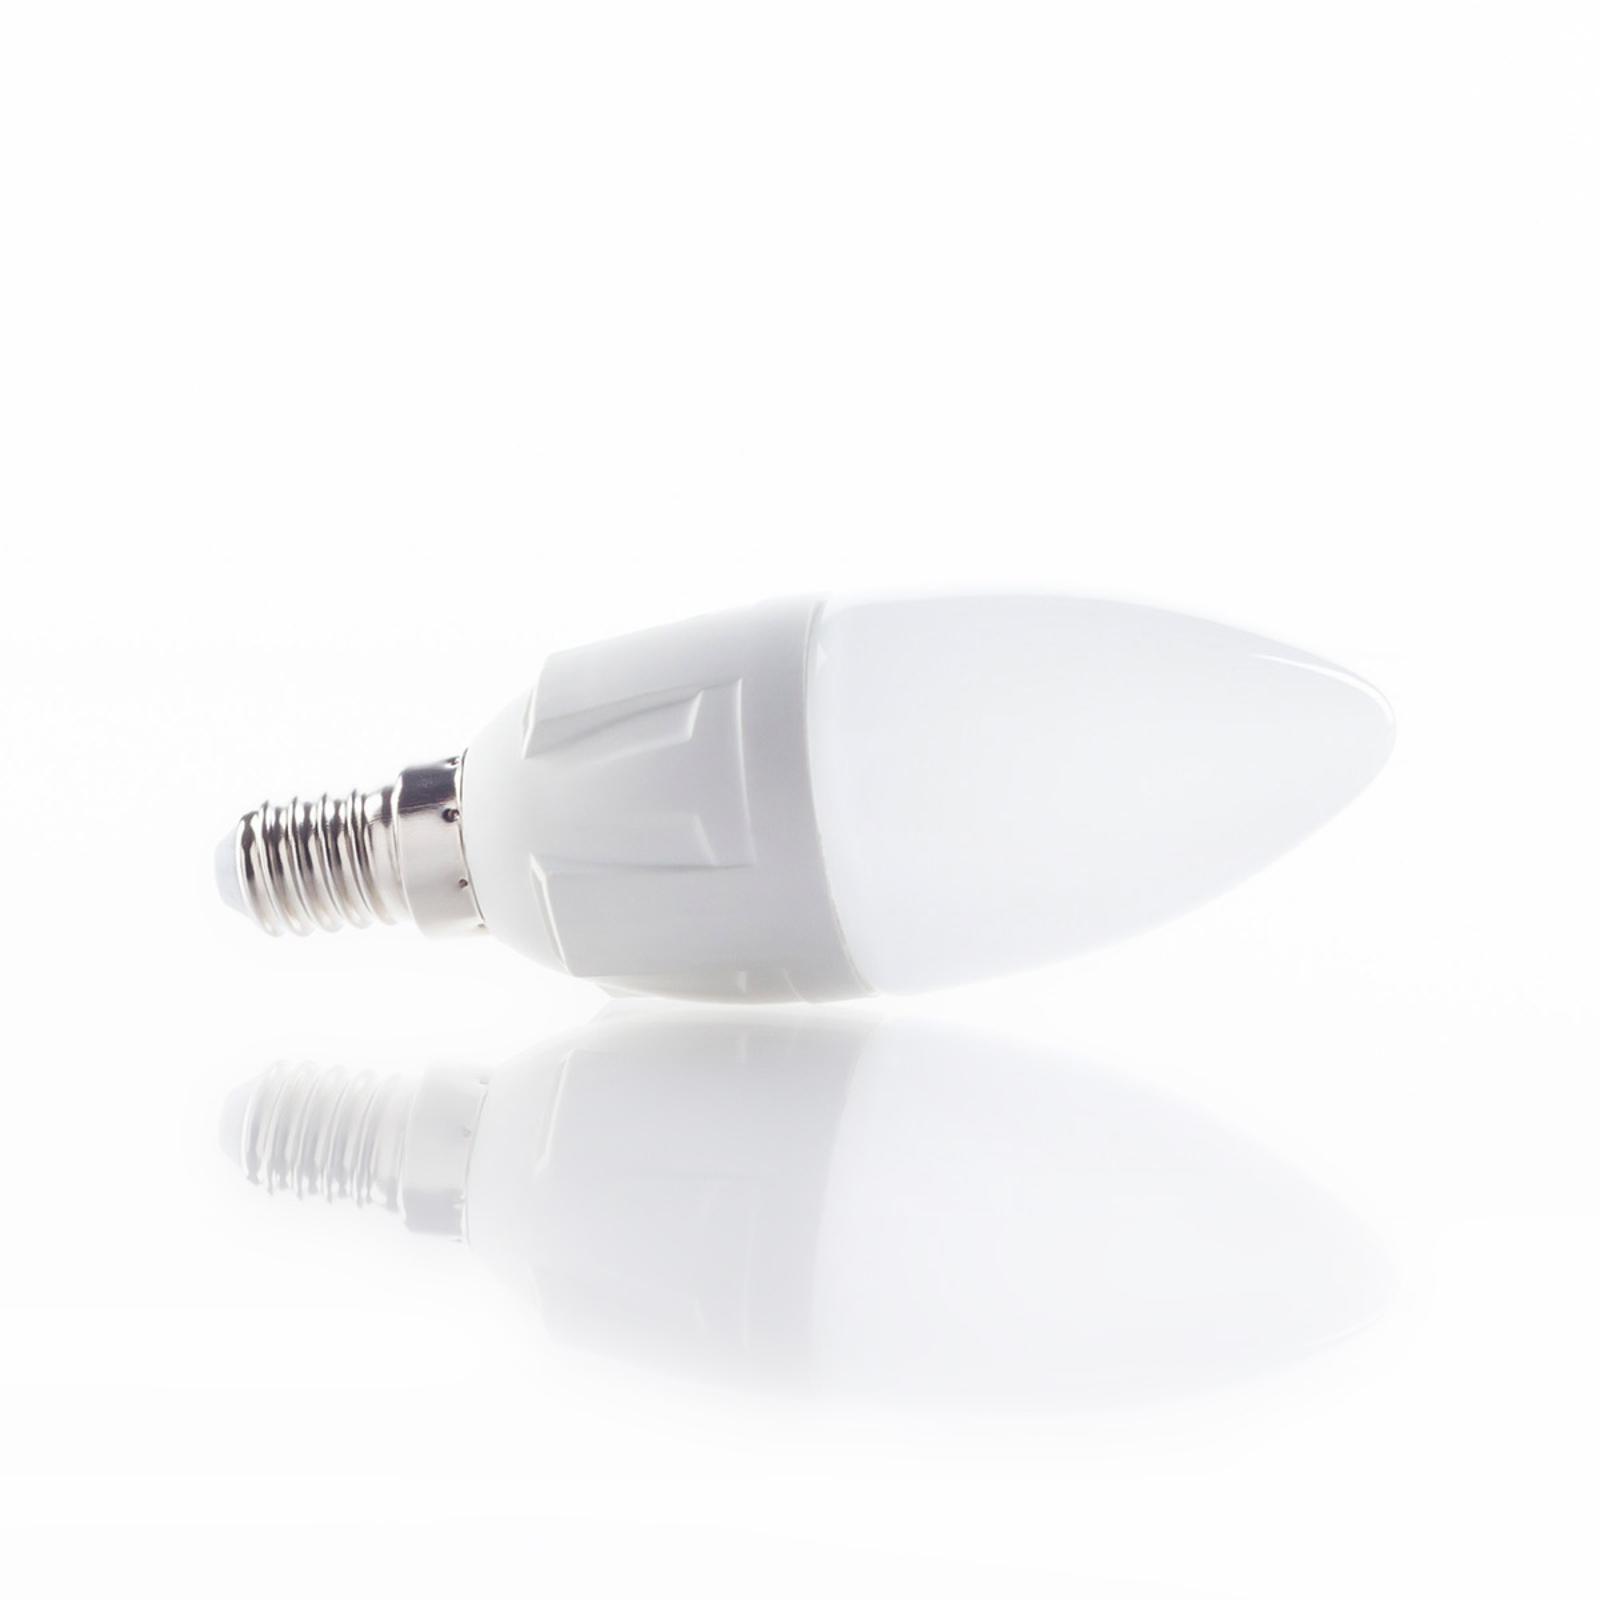 E14 4,9W 830 LED-Lampe in Kerzenform warmweiß